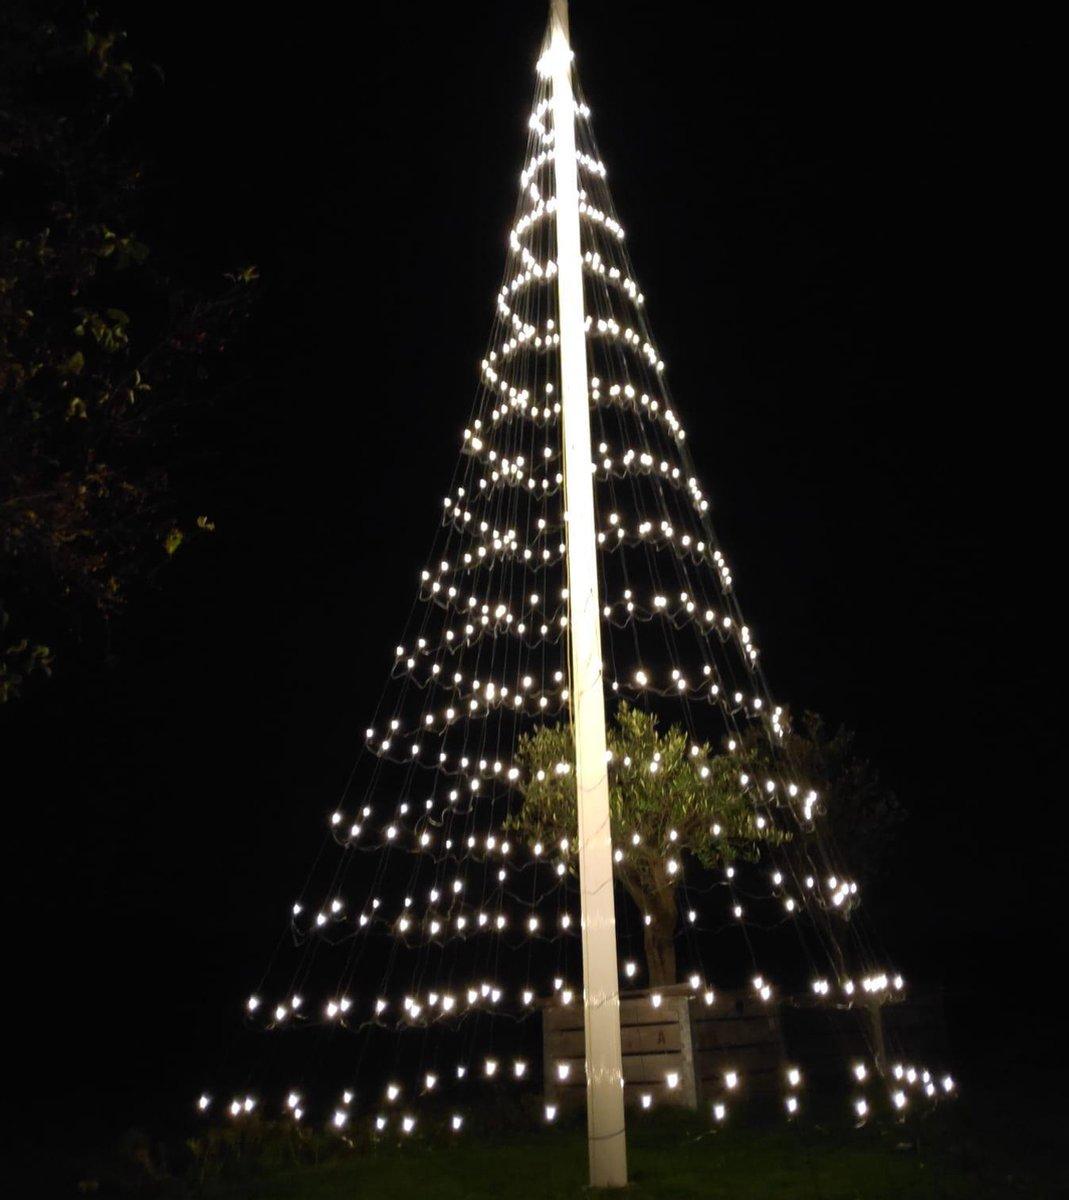 KERSTVERLICHTING BUITEN- MONTEJAUR- Vlaggenmast Kerstboom Verlichting | 6 meter | 480 LED | Warm Witte Led Lampjes kopen